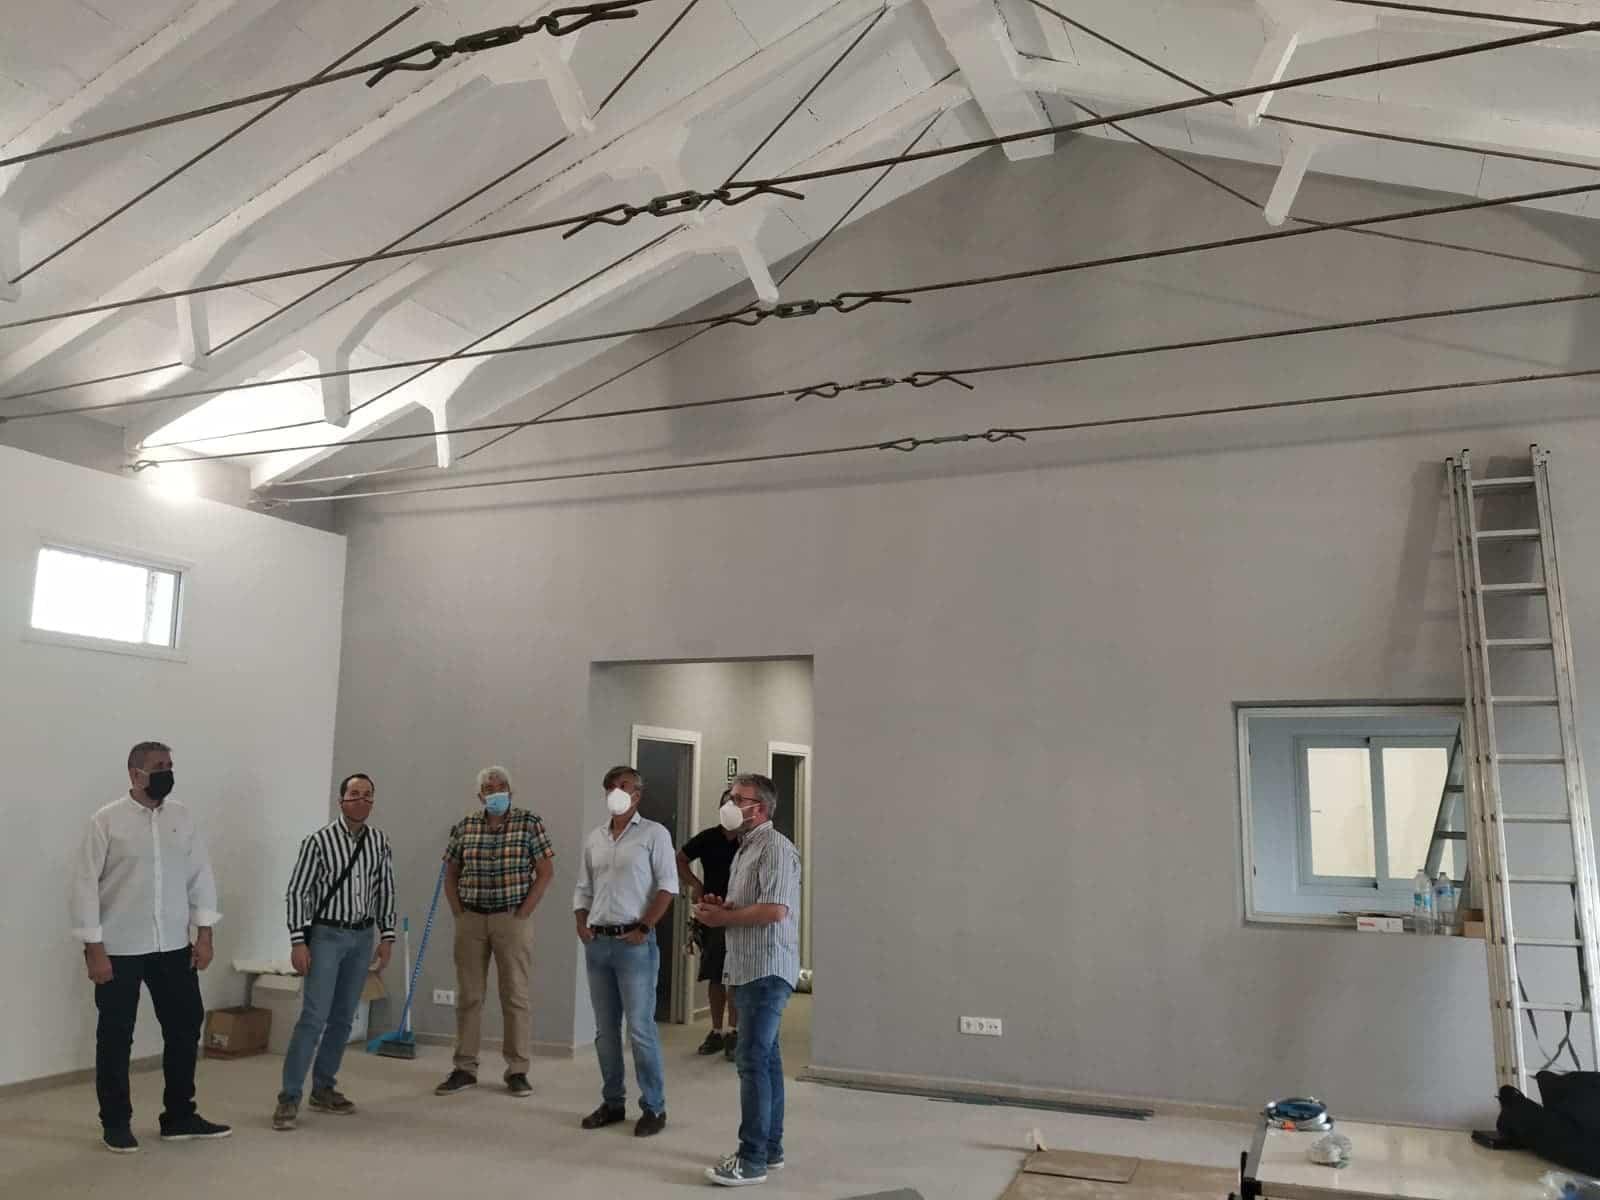 El Centro de Interpretación del Queso herenciano abrirá en próximo año 9